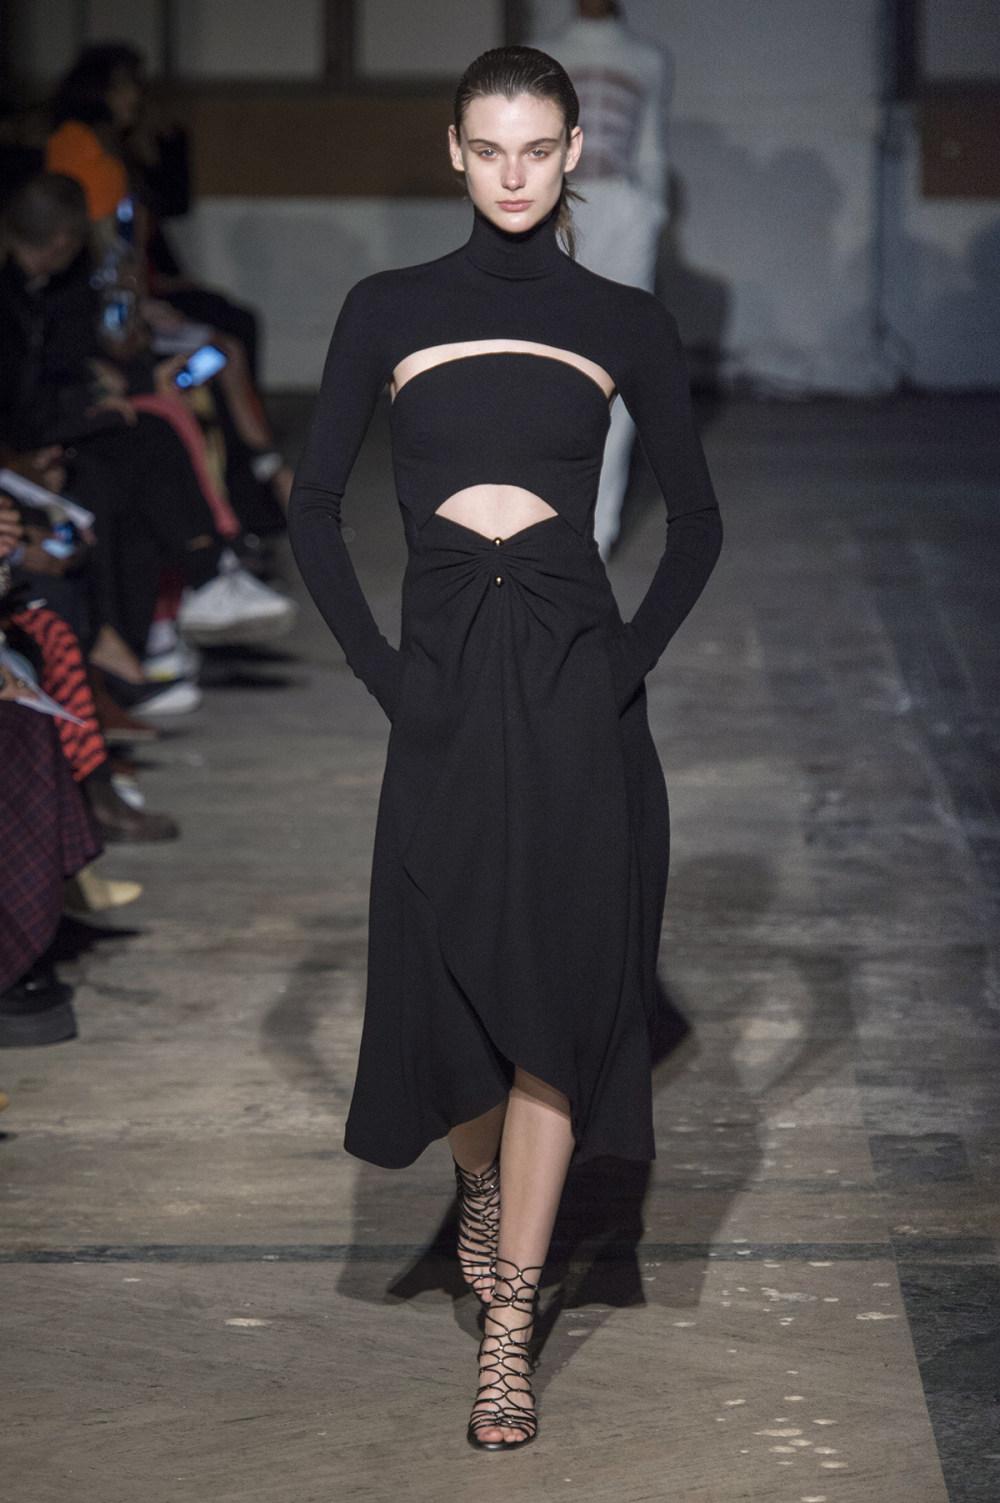 Dion Lee没有紧身衣的连衣裙被聚集或扭曲保持调色板的简约和奢华-8.jpg